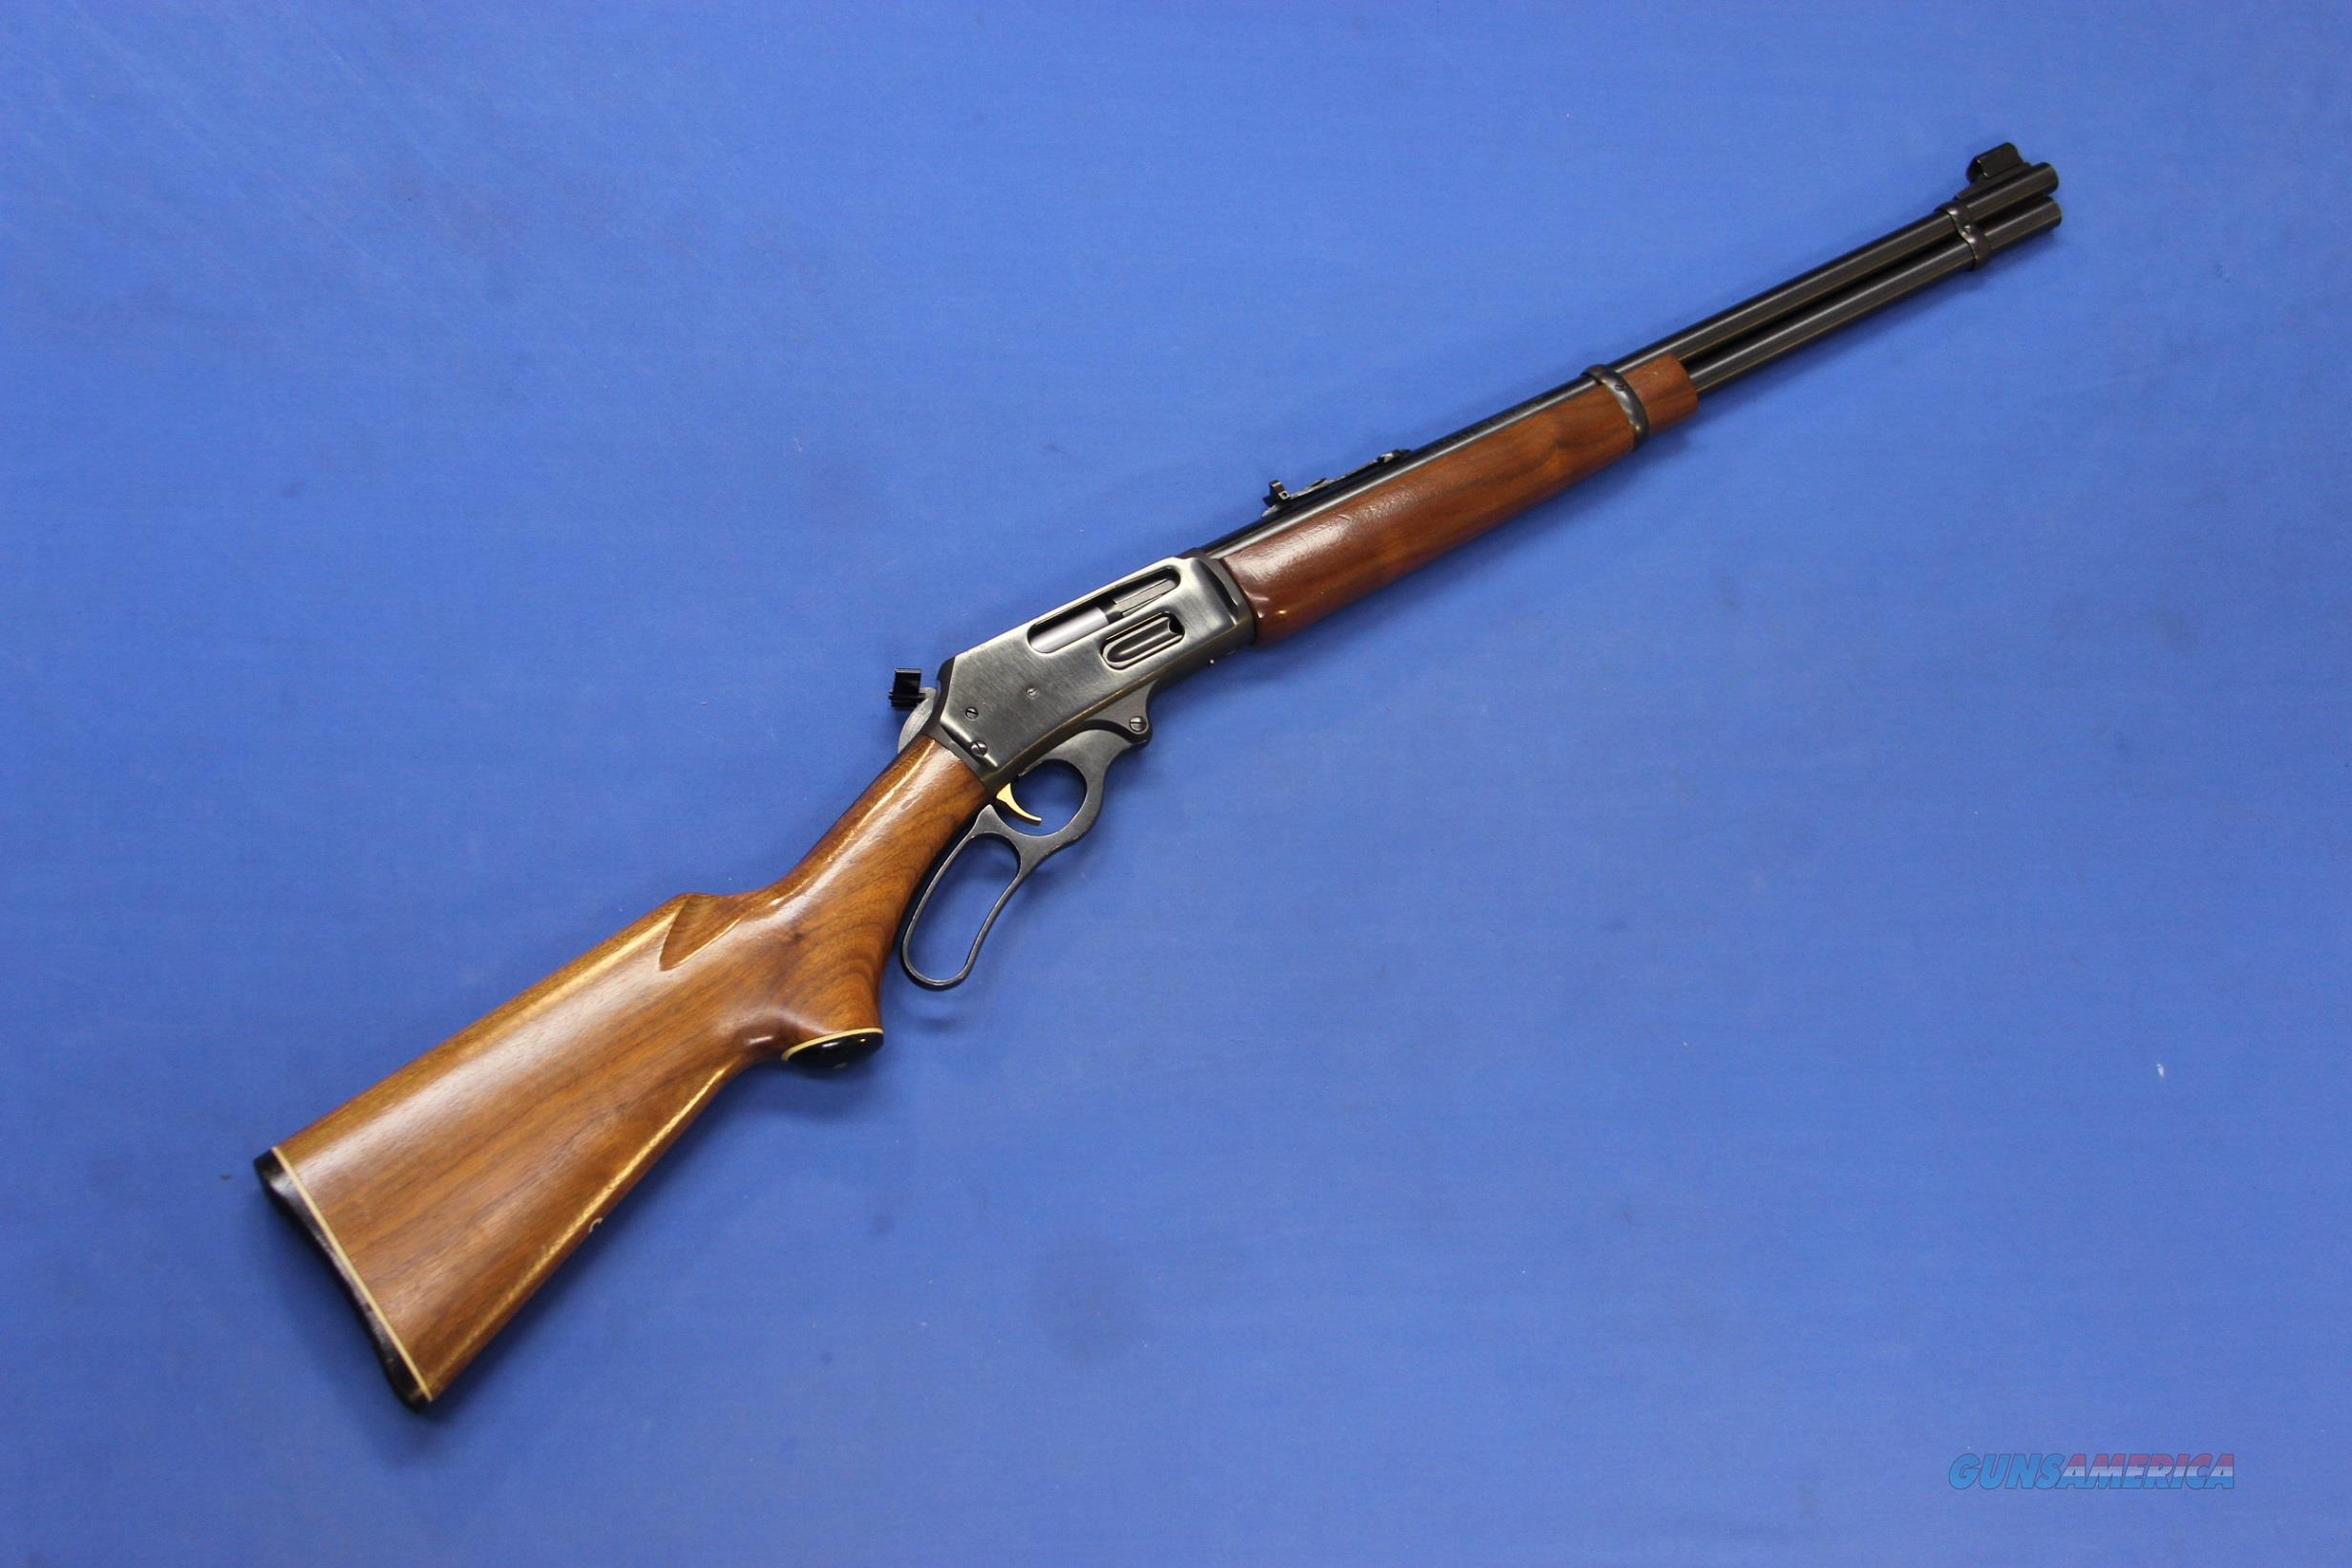 School me on Marlin model 336 in .35 Remington ETA: Pics in OP ...